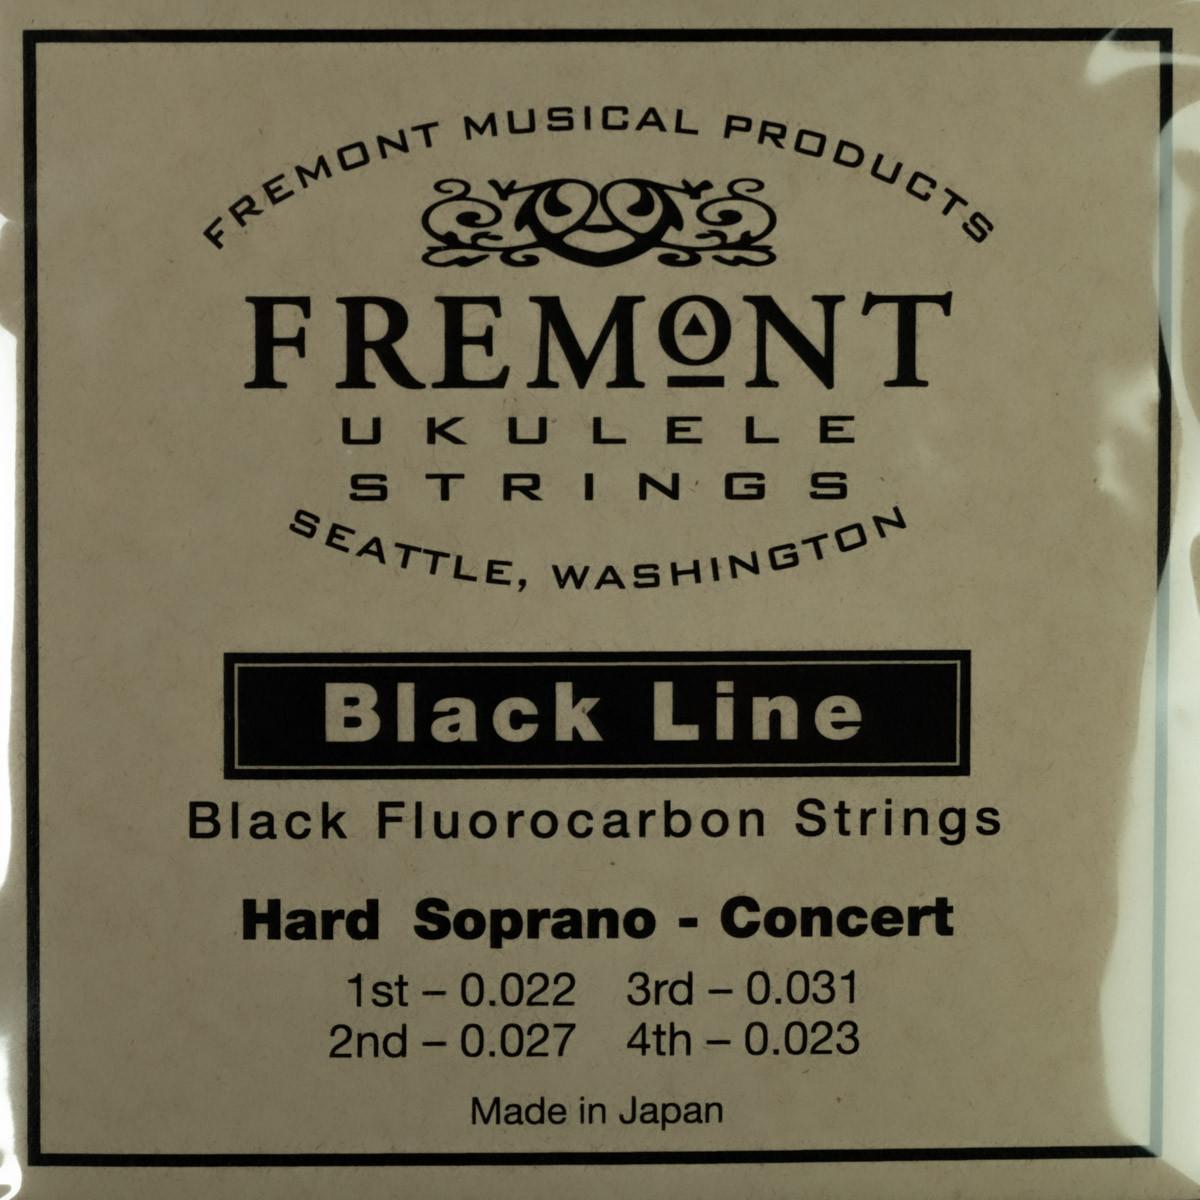 Fremont Ukulele Strings - Blackline-Soprano/Concert (Med or Hard Tension)